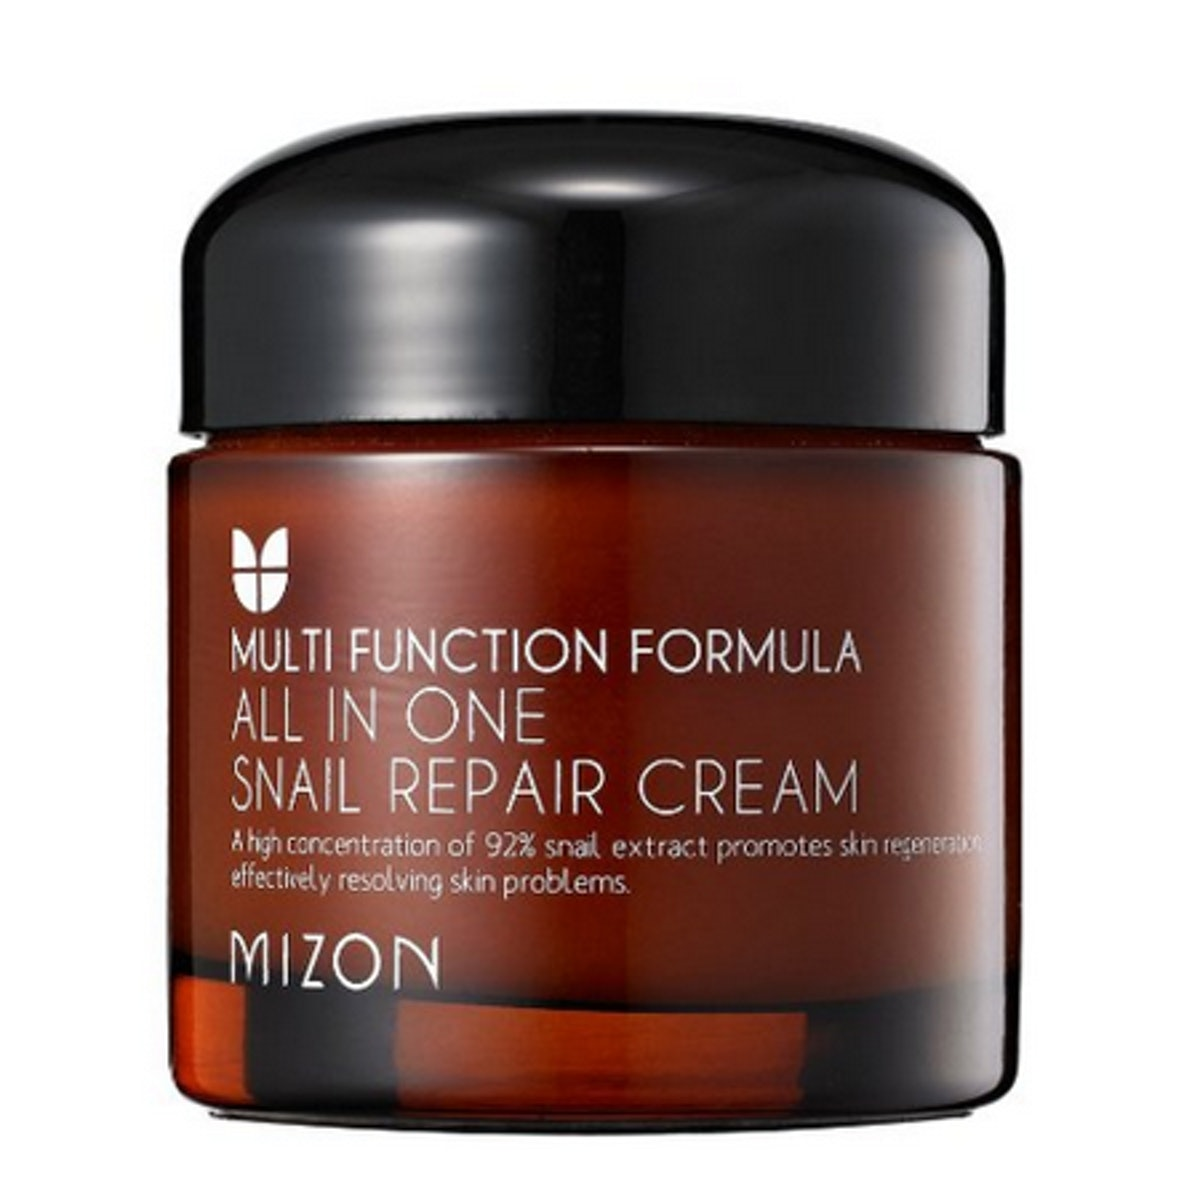 Mizon All In One Snail Repair Cream, Facial Moisturizer 75Ml